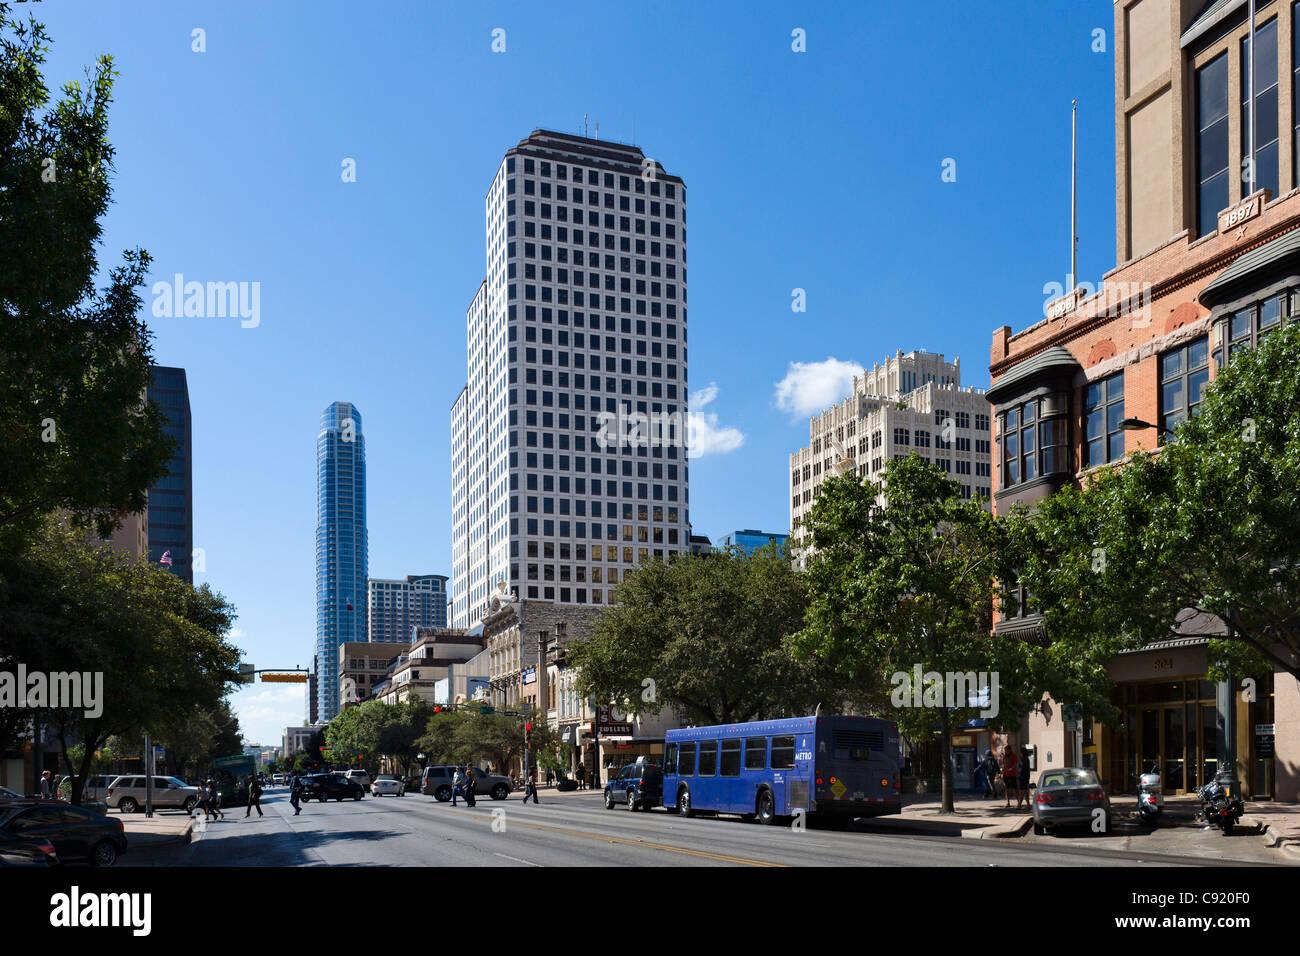 Congress Avenue in der historischen Innenstadt von Austin, Texas, USA Stockbild